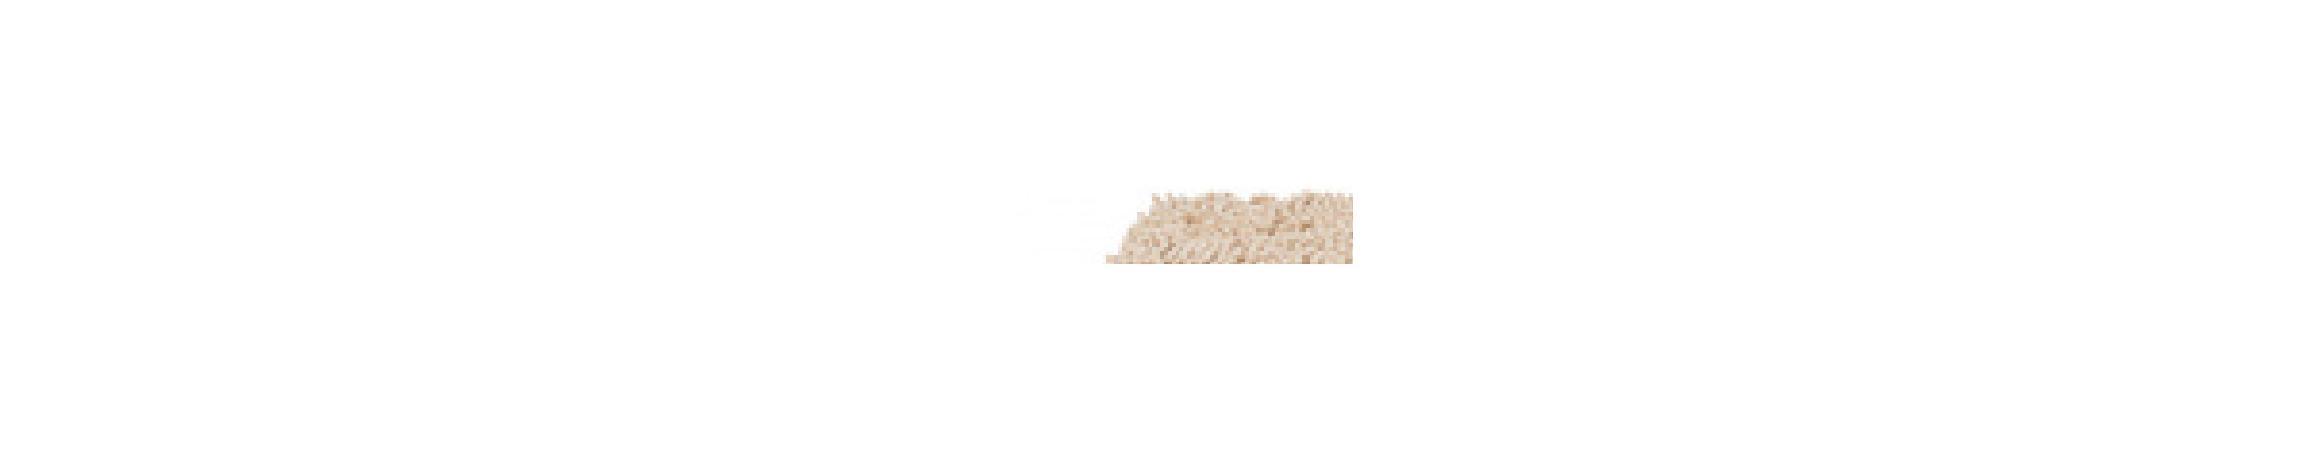 Trixie Коврик грязезащитный, непромокаемый, 80х60 см, бежевый 28531, 1,230 кг